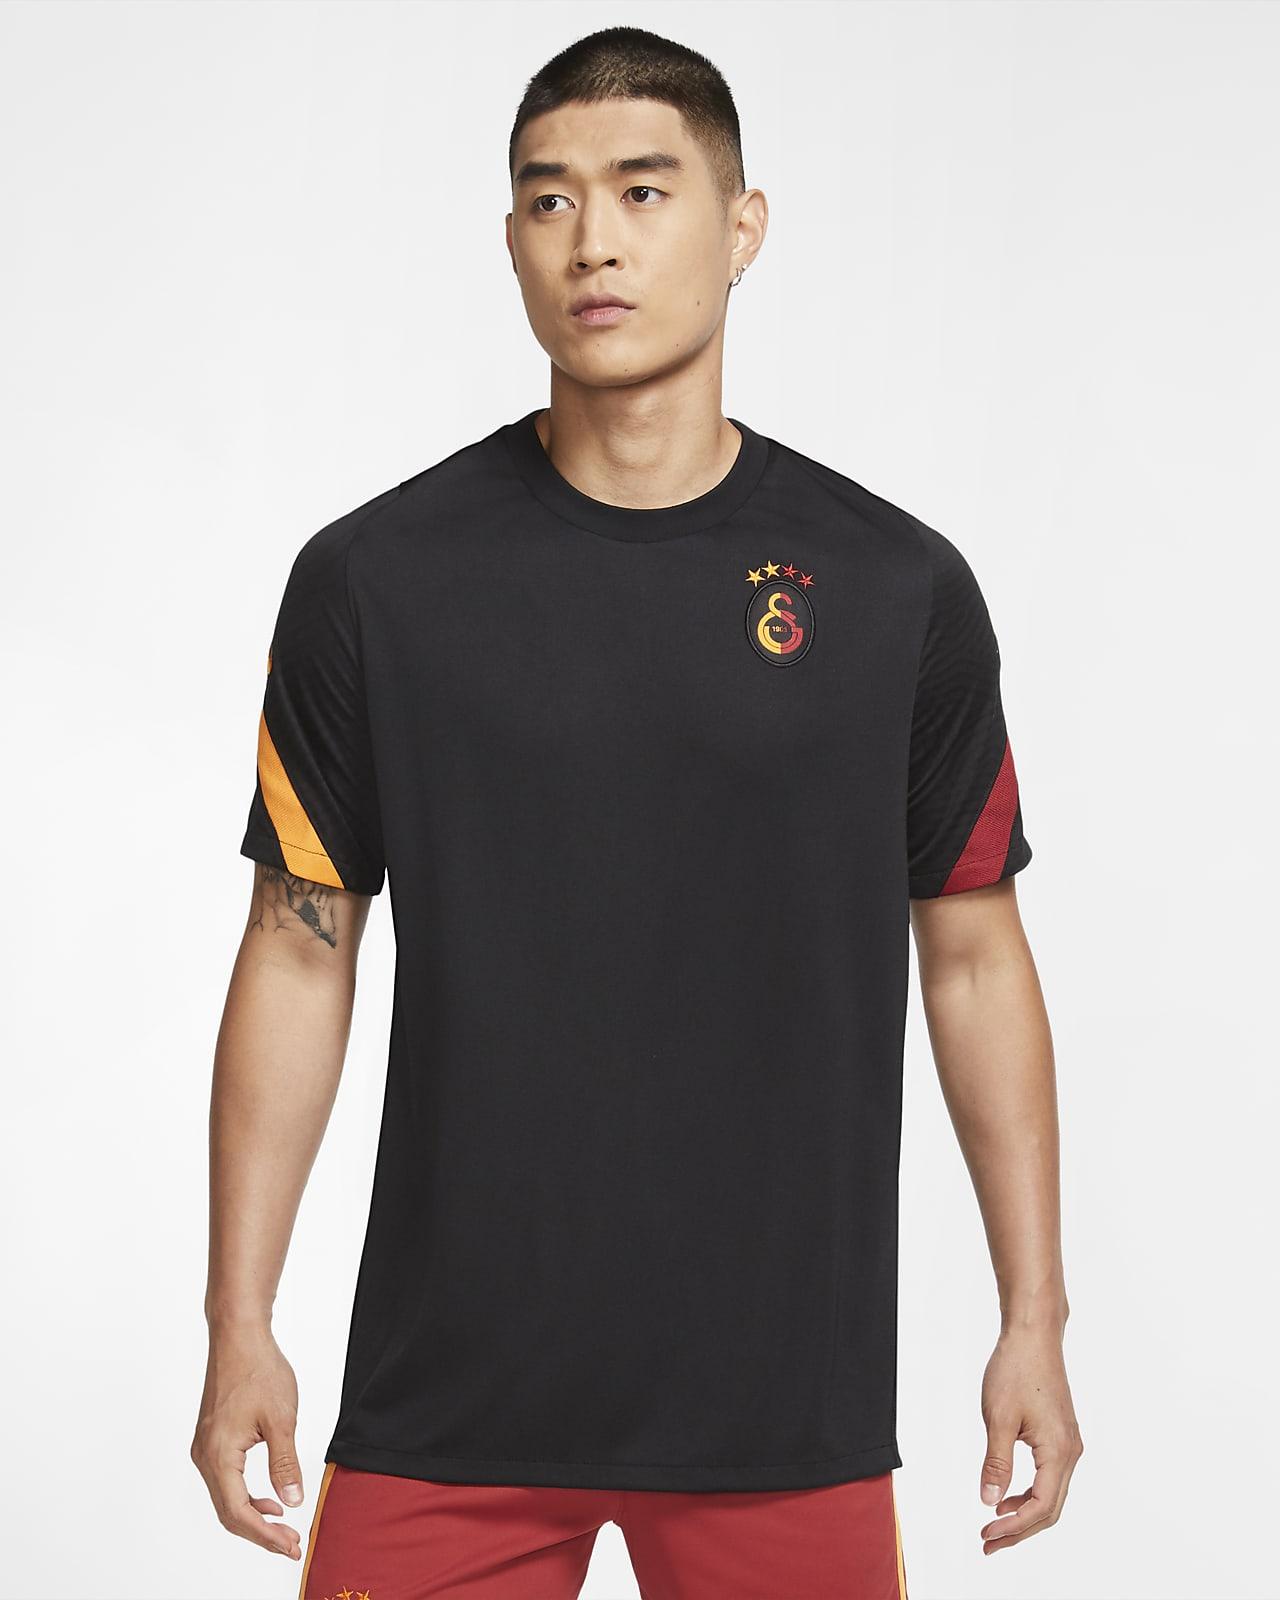 Pánské fotbalové tričko Galatasaray Strike s krátkým rukávem